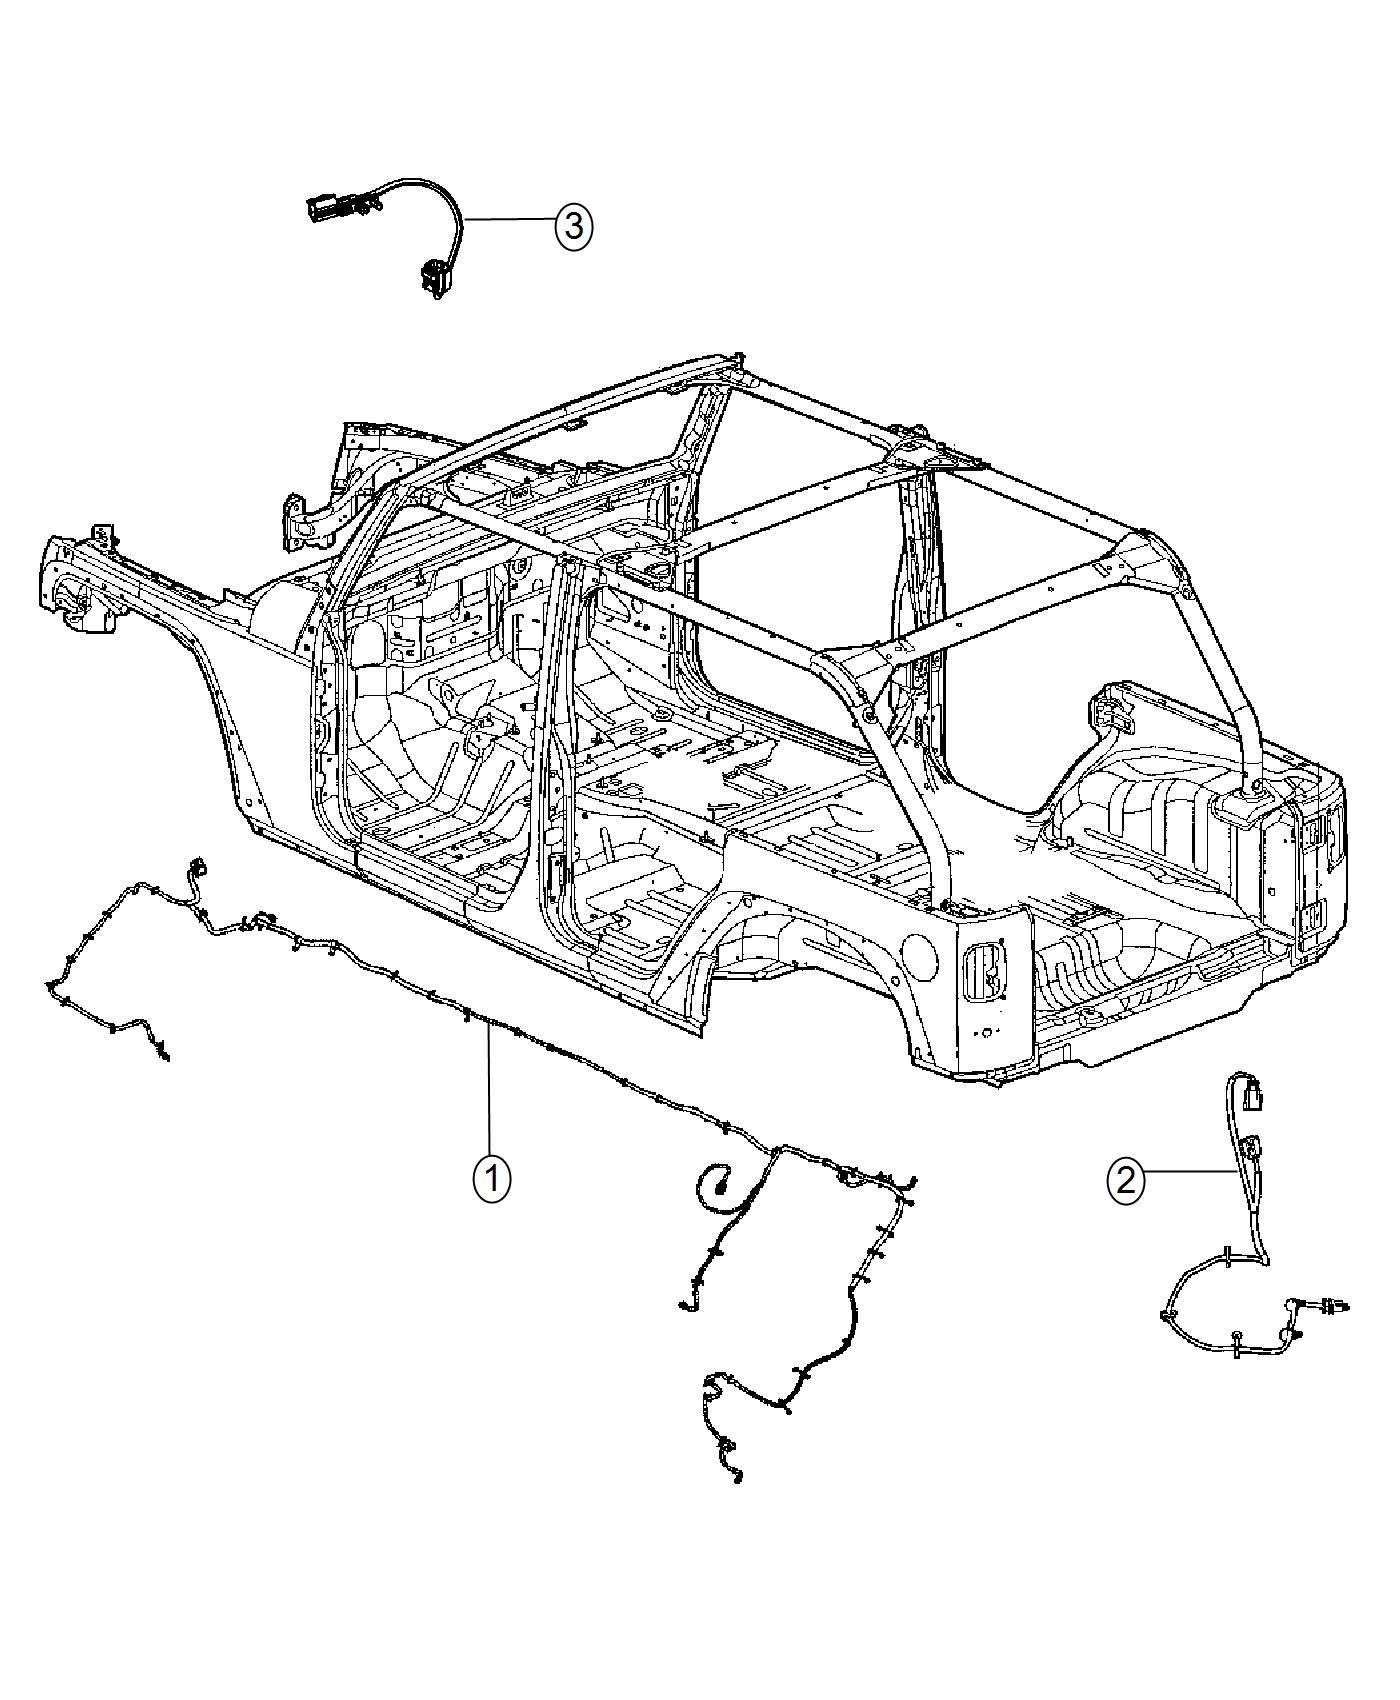 2002 Freightliner Wiring Diagram - All Diagram Schematics on